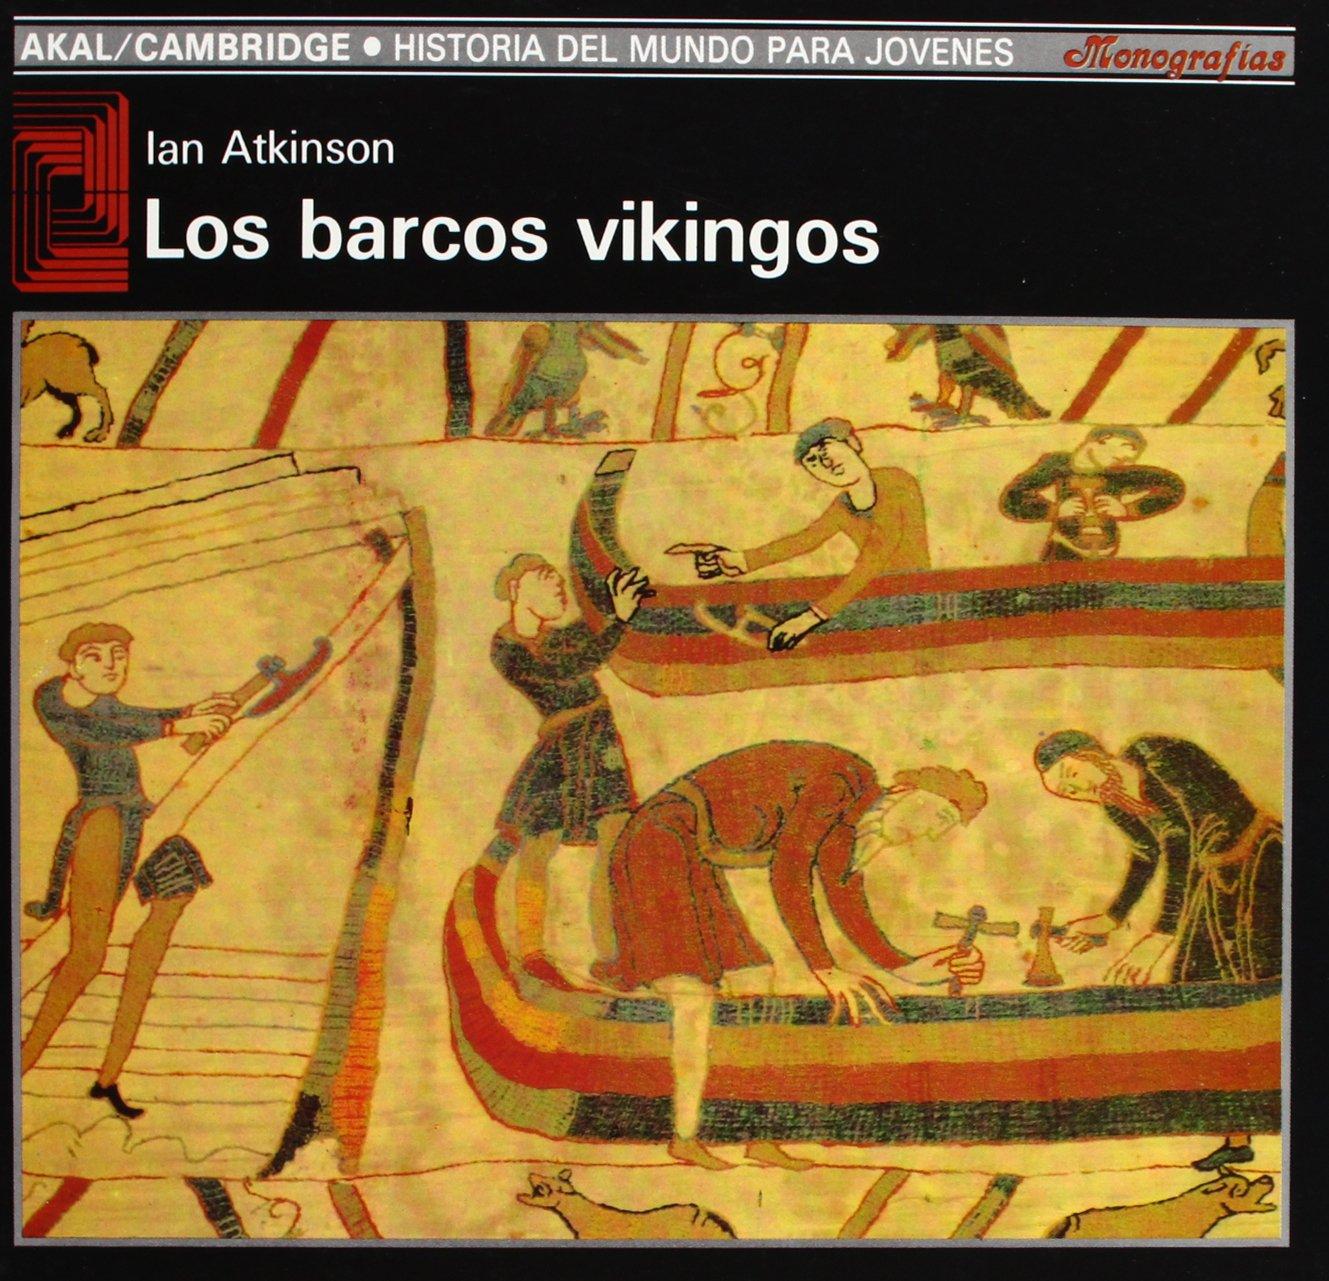 Los barcos vikingos: 20 Historia del mundo para jóvenes: Amazon.es: Atkinson, Ian: Libros